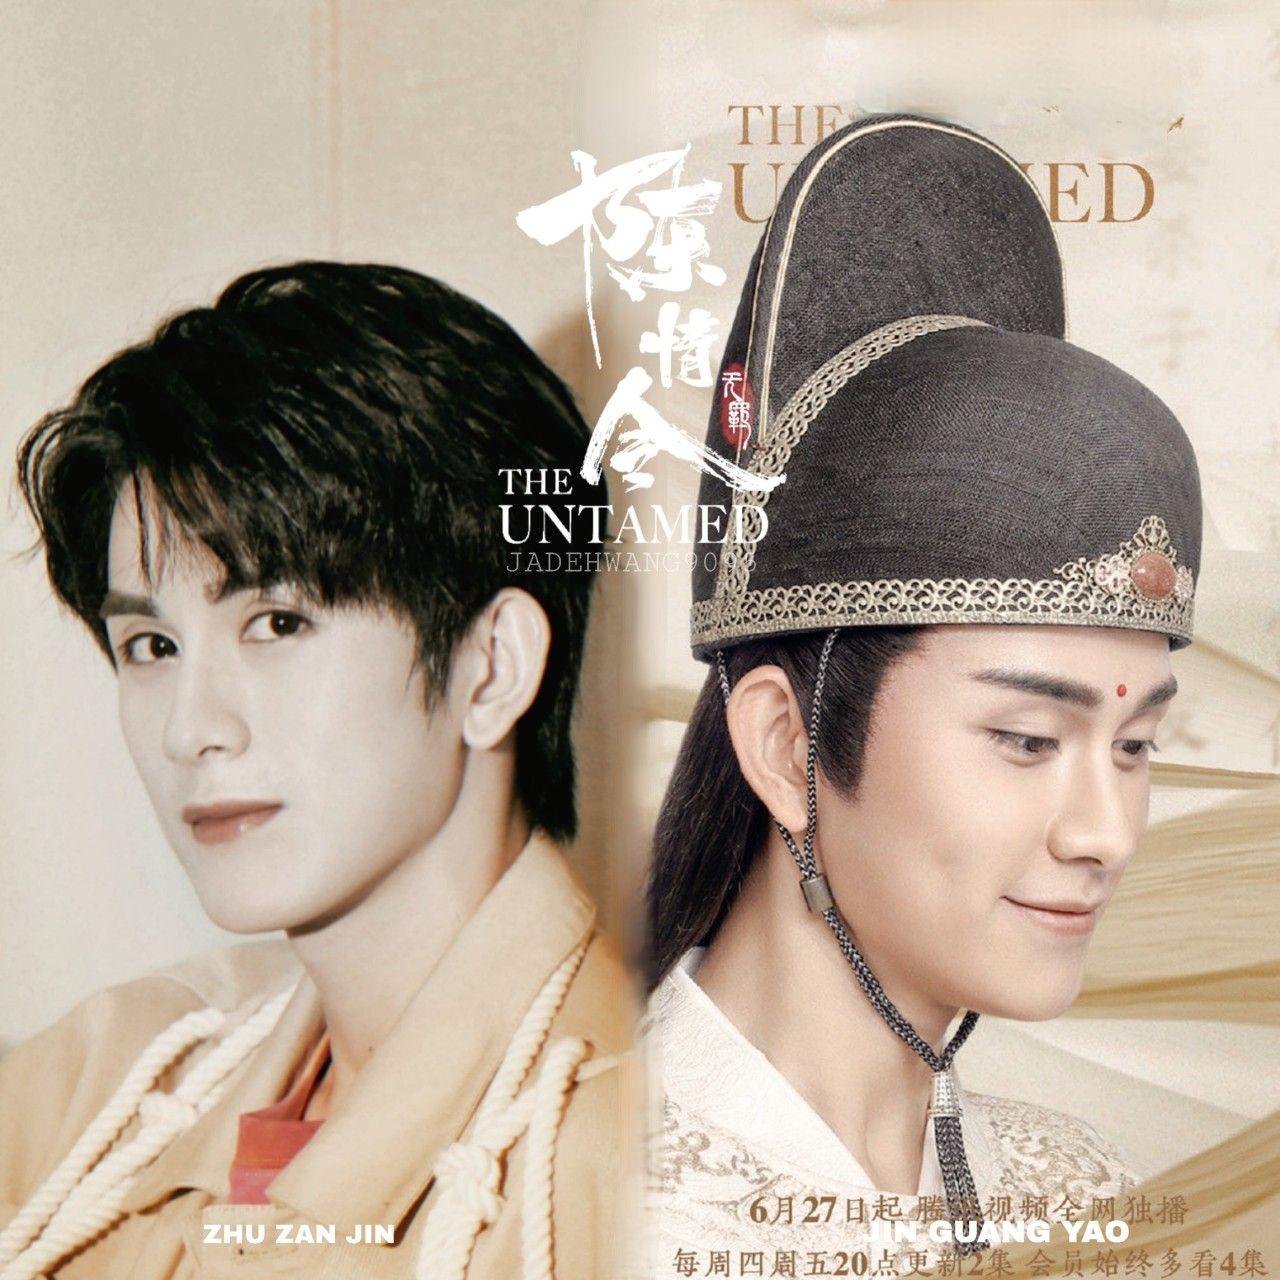 Jadehwang9095 — The Untamed Cast modern vs. ancient look